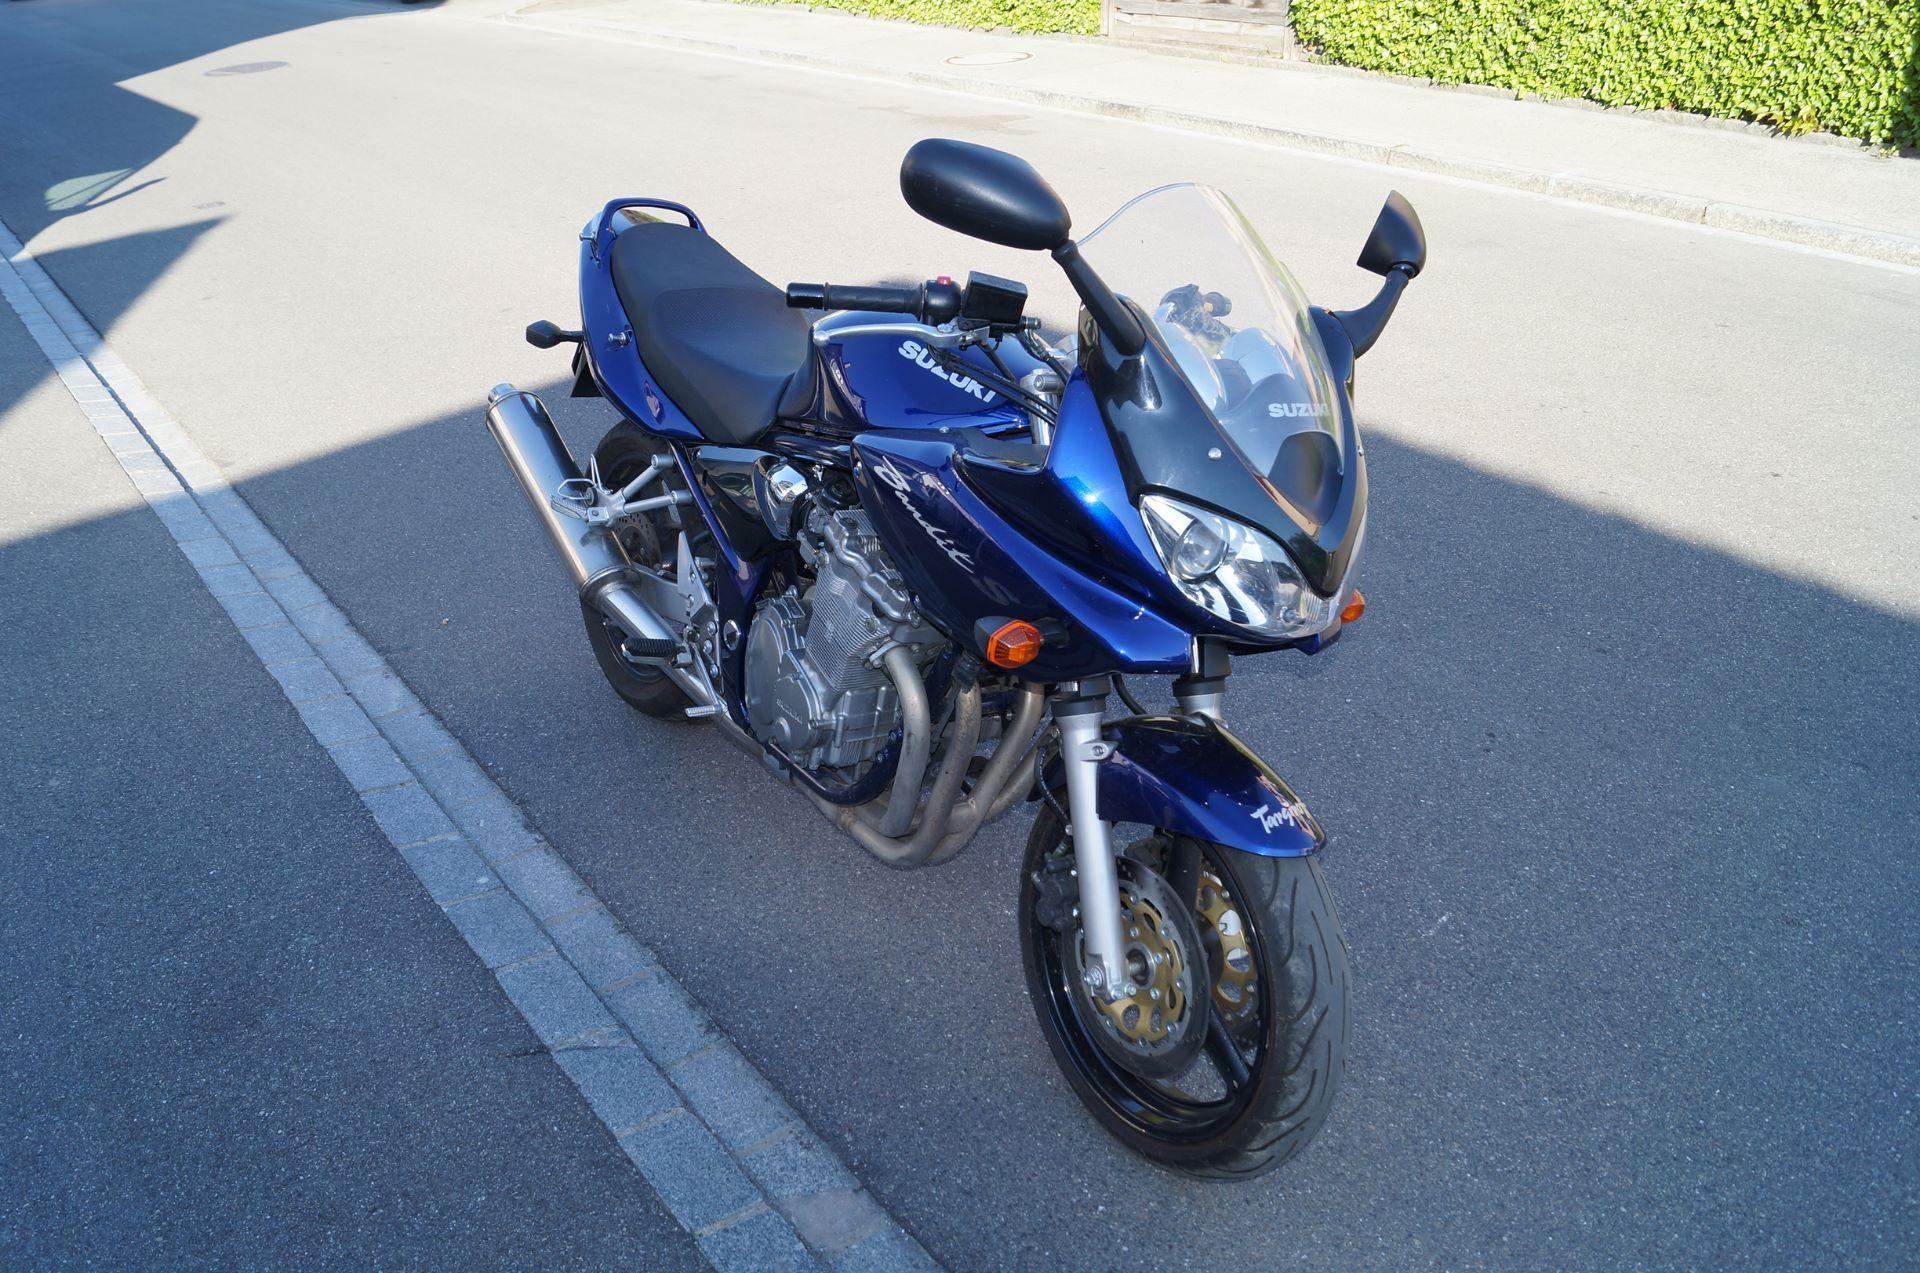 motorrad occasion kaufen suzuki gsf 600 s bandit scherrer motos ag steckborn. Black Bedroom Furniture Sets. Home Design Ideas